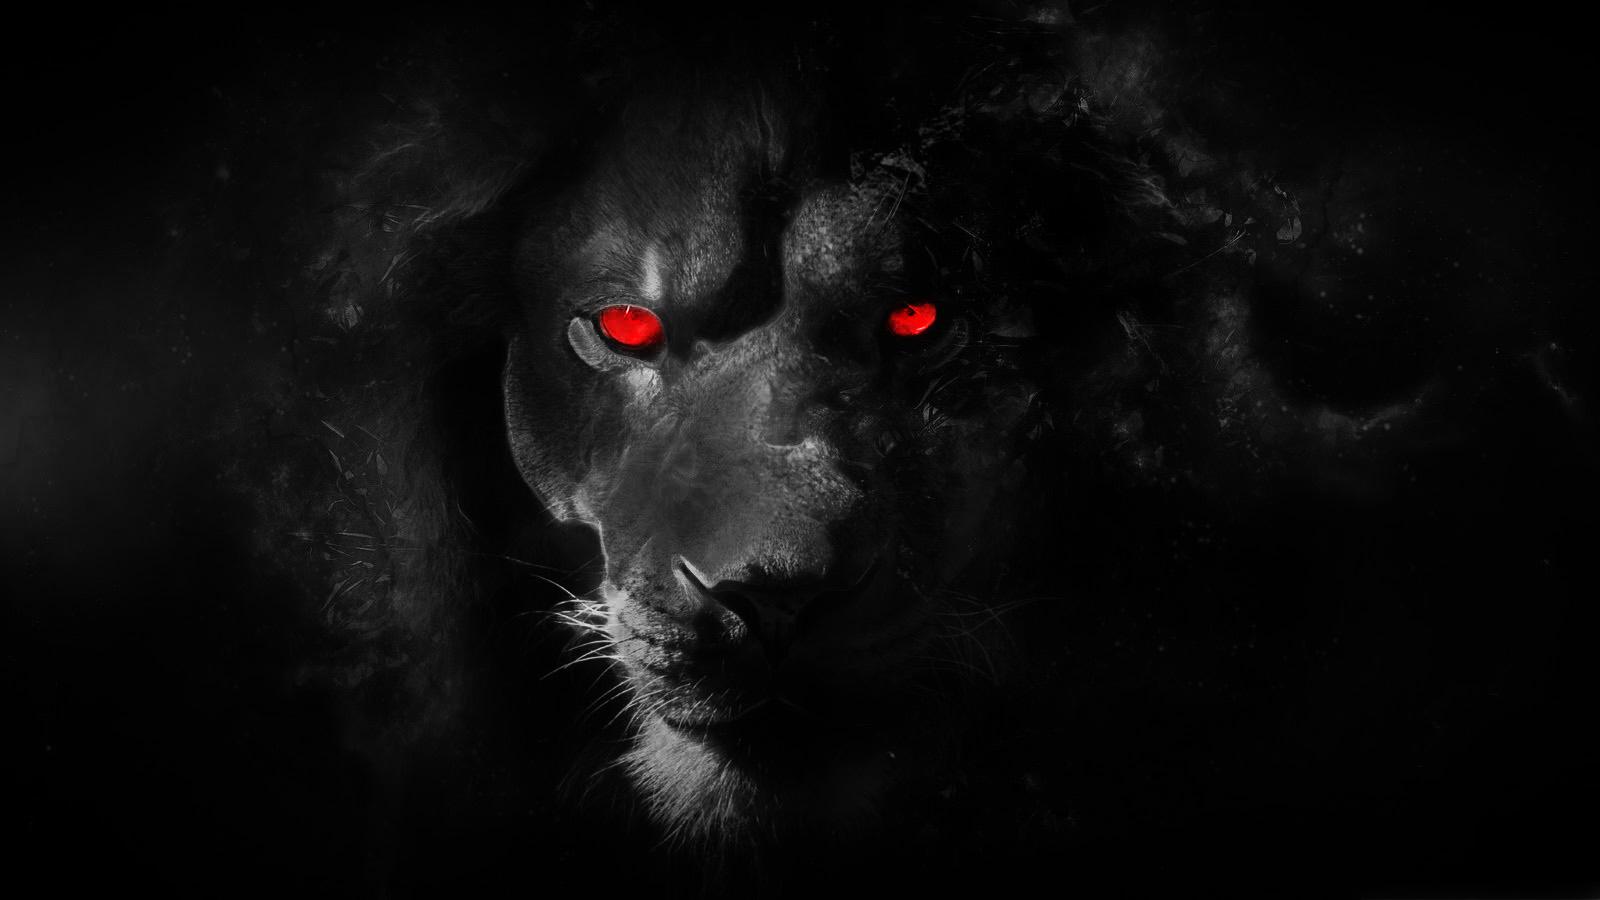 black lion wallpaper - wallpapersafari